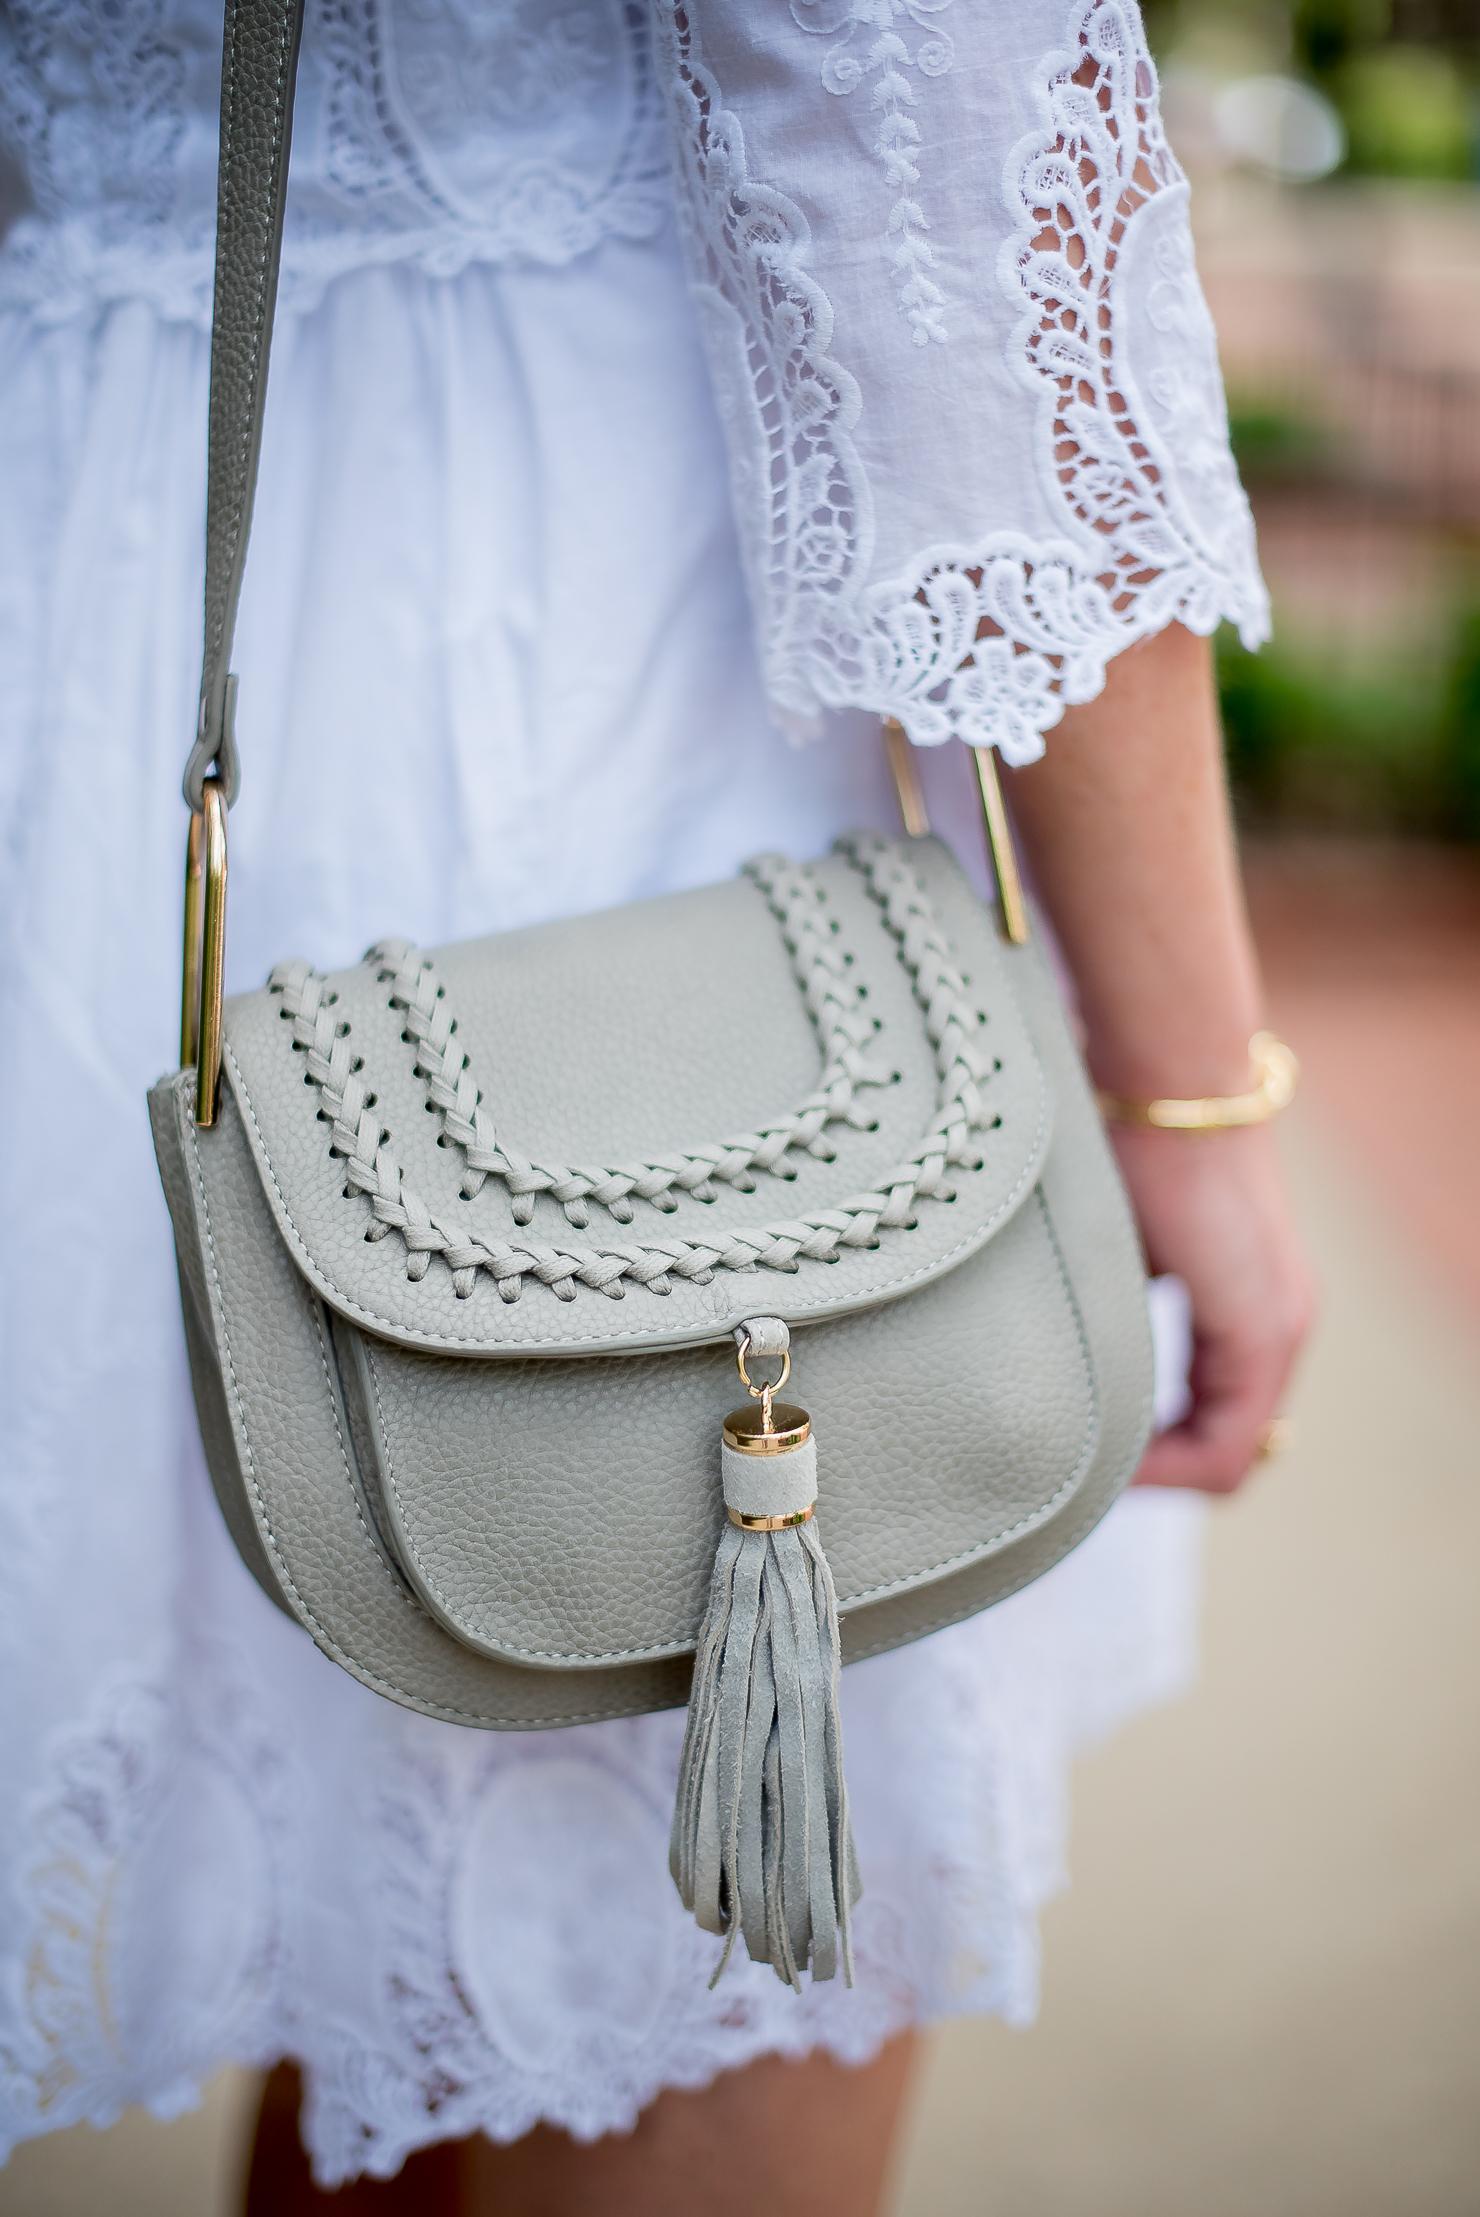 8234df6c48 chloe-hudson-dupe-grey-saddle-bag Pin this image on Pinterest. eyelet-lace- target-overlay-dress-stuart-weitzman-nude- ...